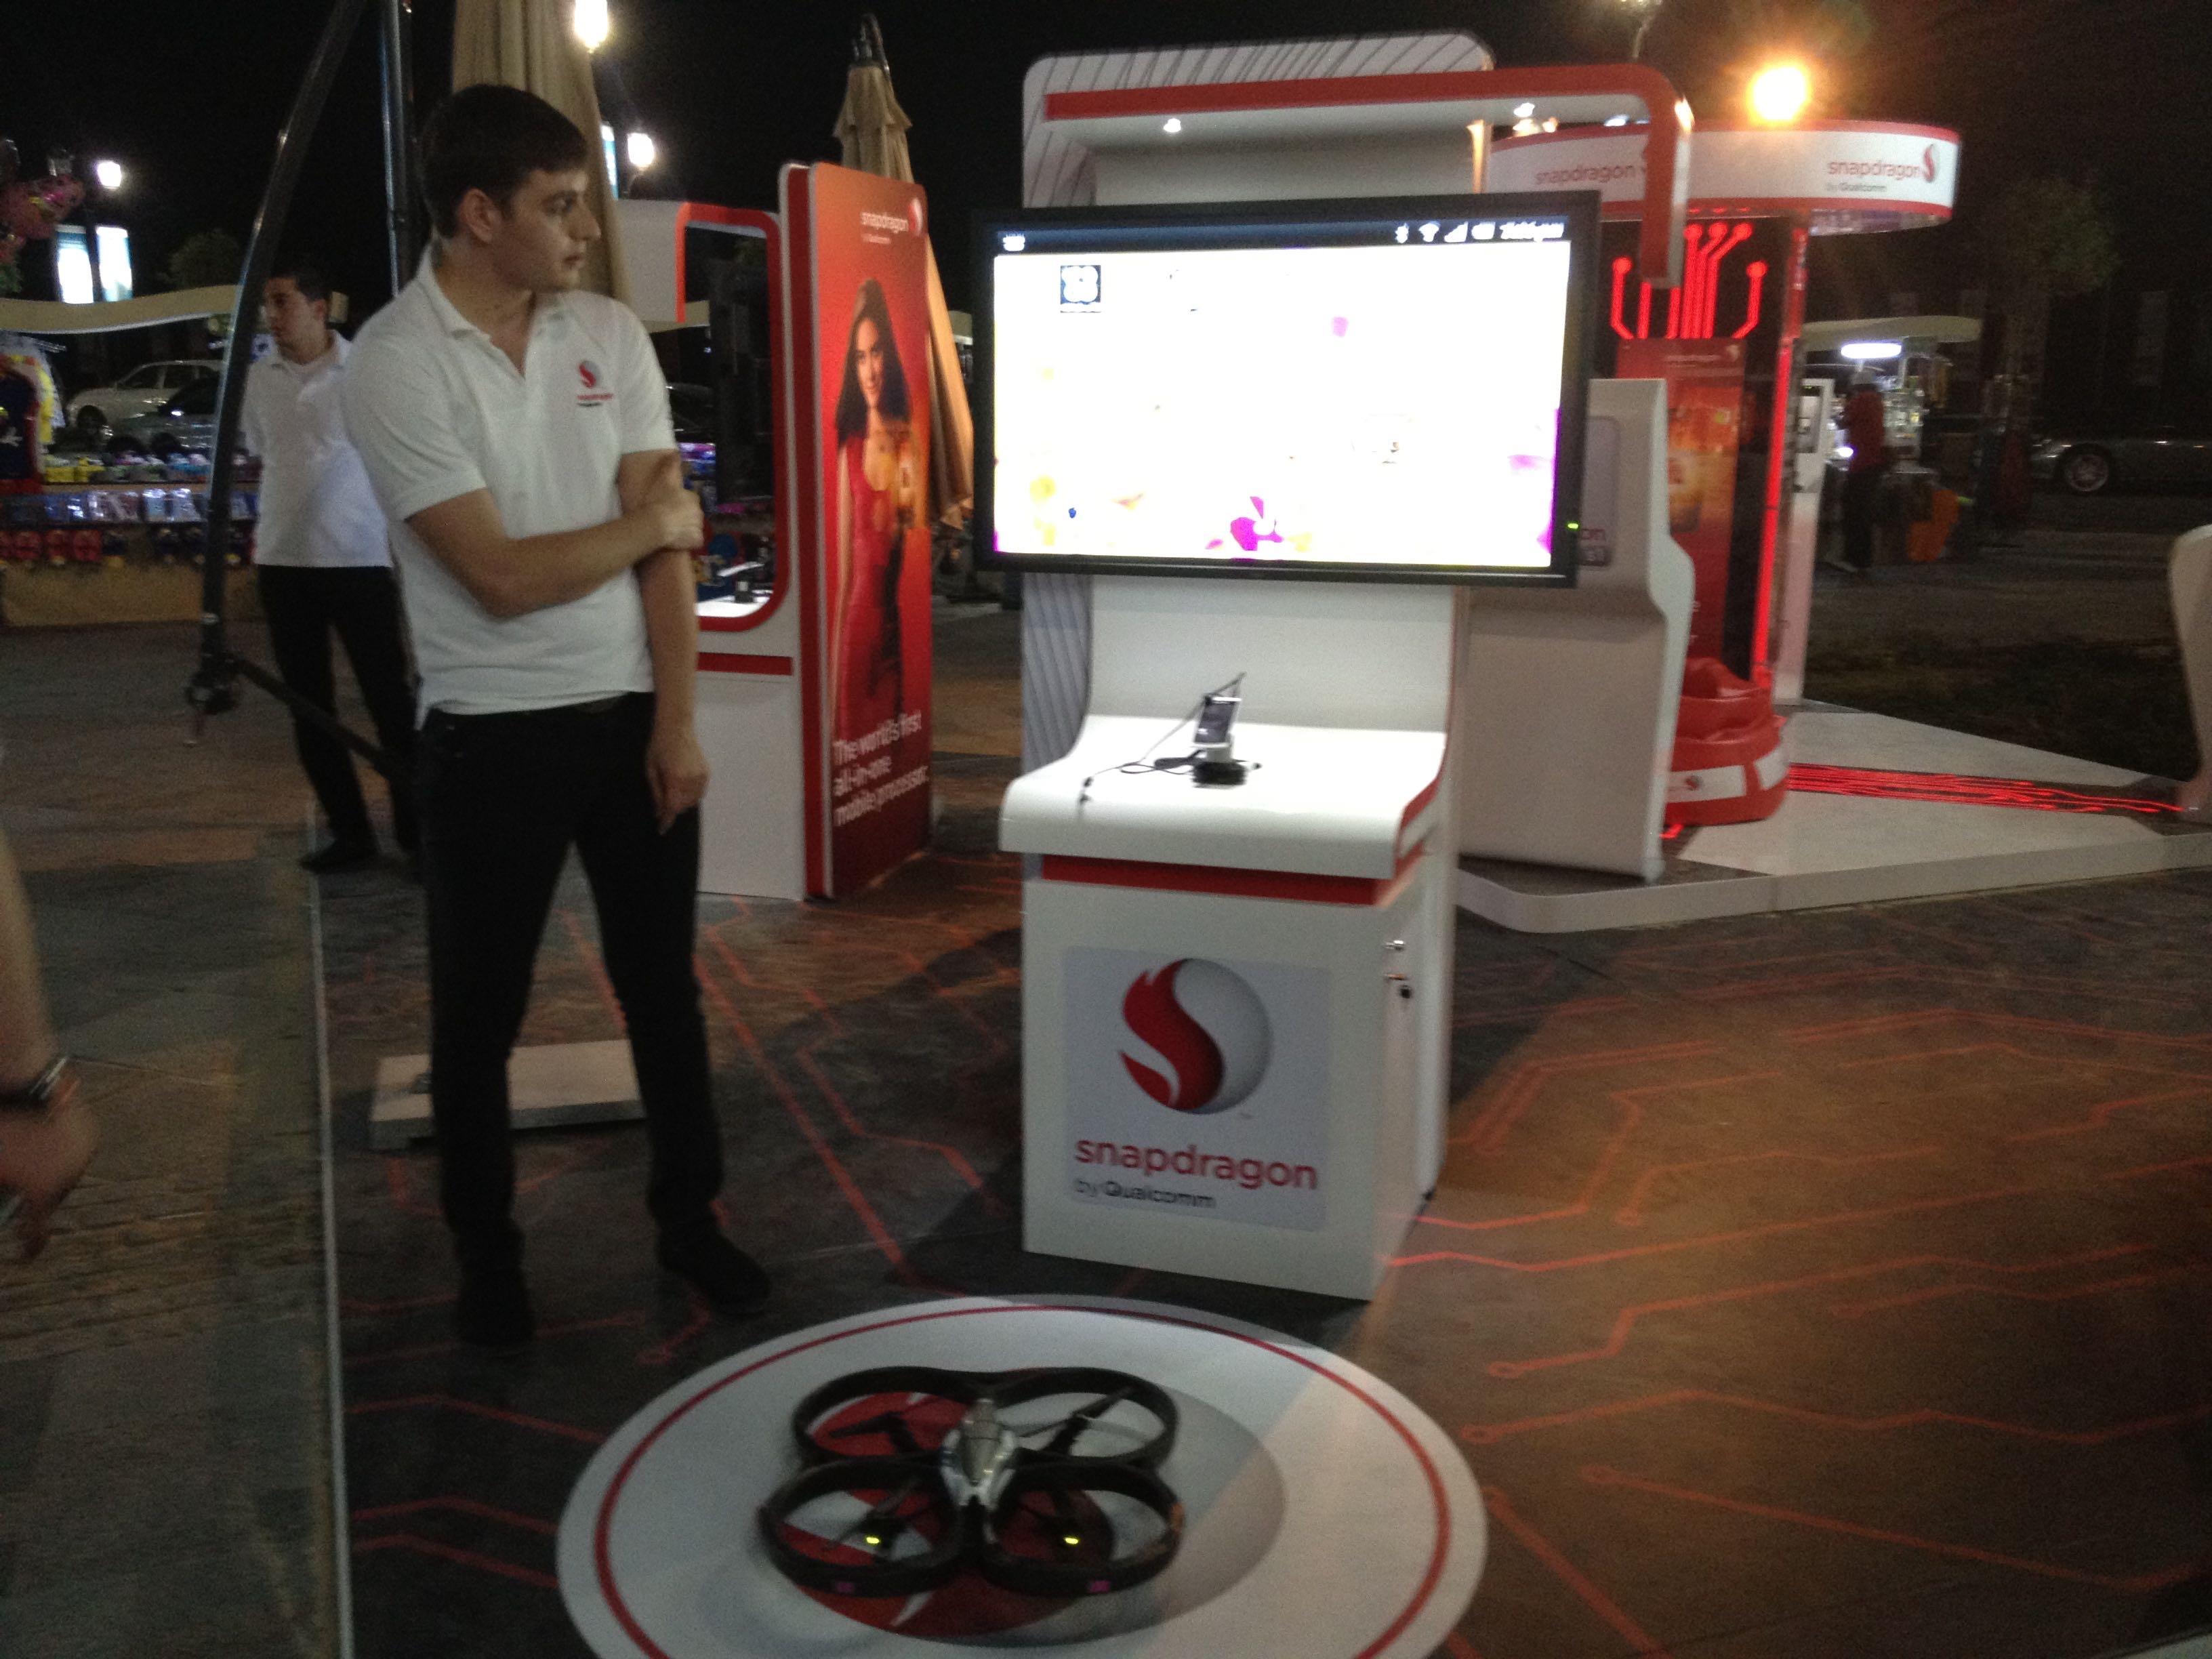 Qualcomm Digital activation